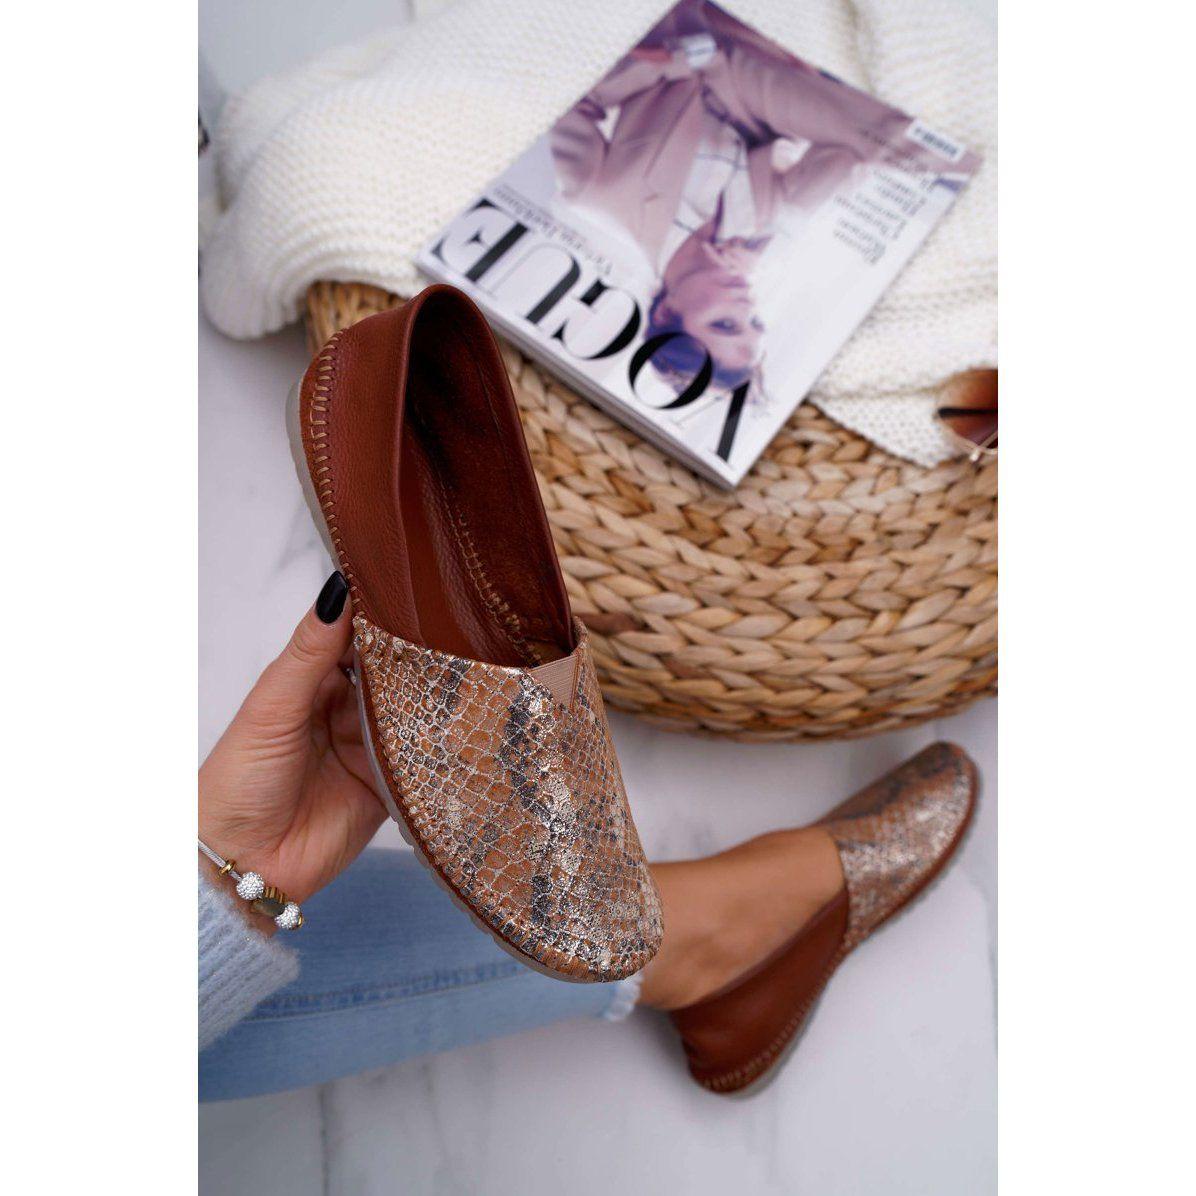 Baleriny Damskie Brazowe Maciejka 1930a 29 00 6 Shoes Sneakers Toms Original